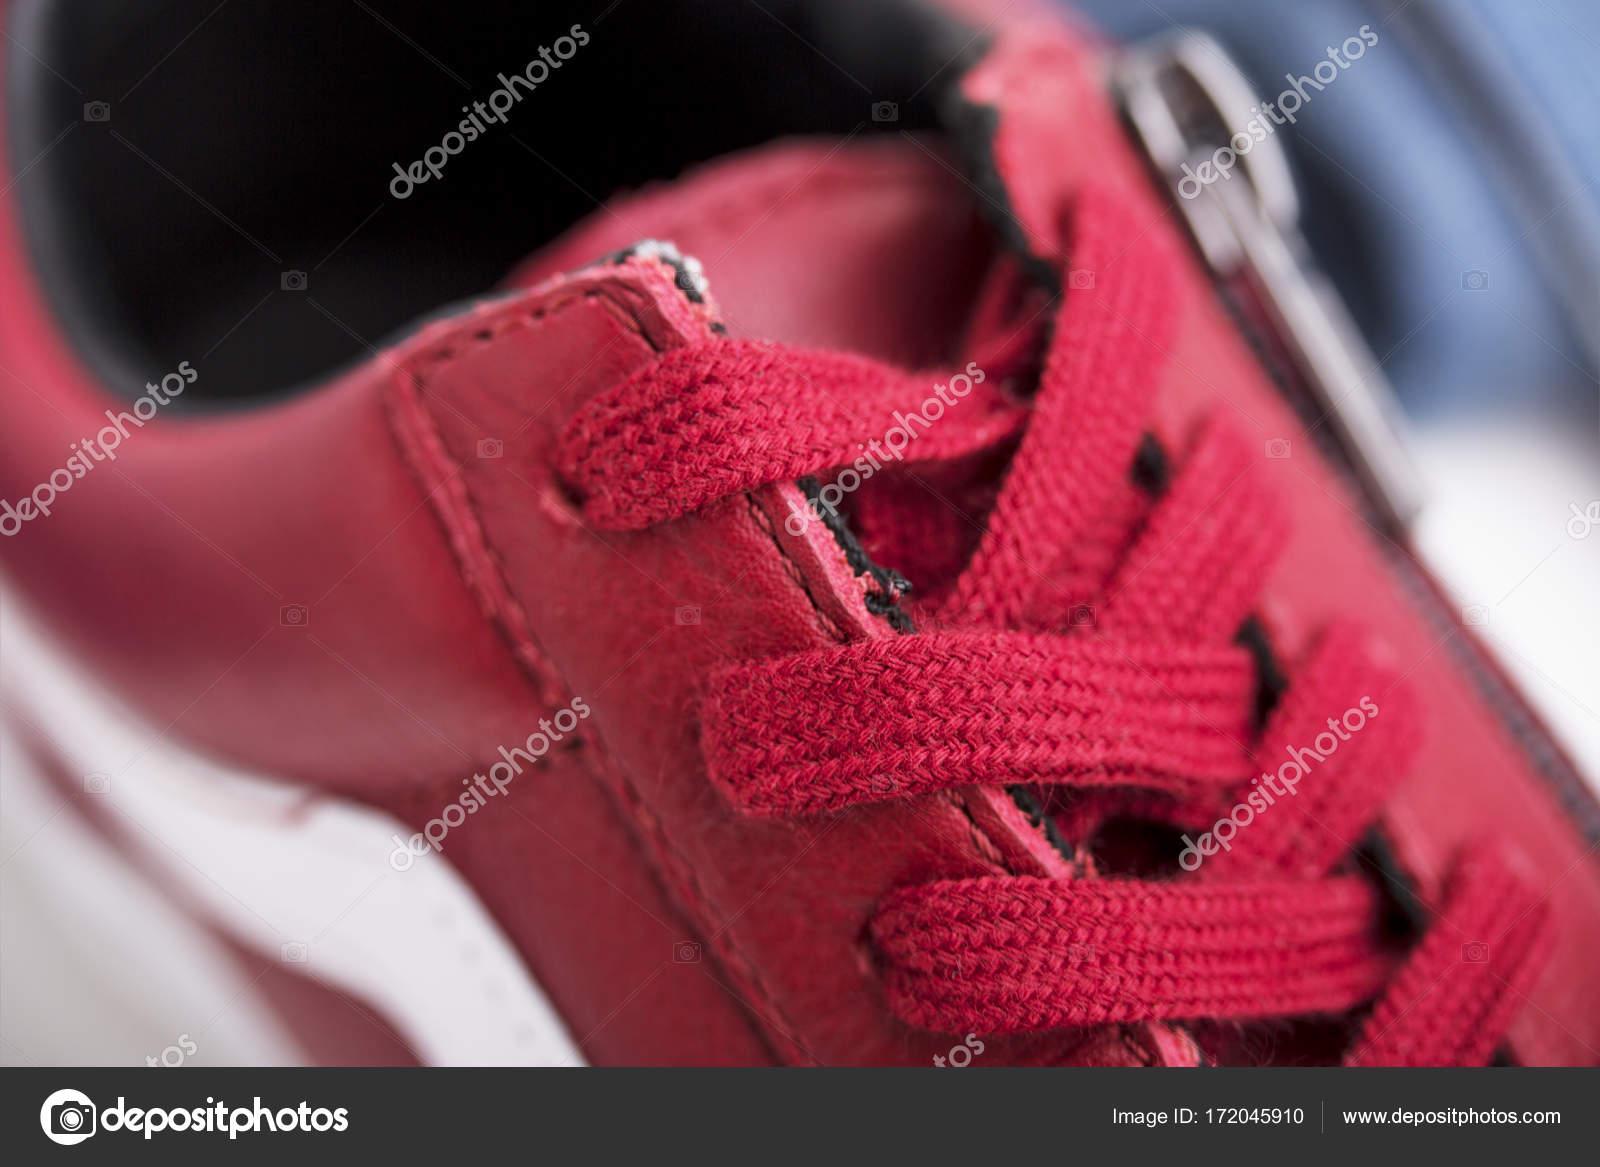 3a8c0ad90a Divat cipők a filléres. Piros cipő és cipőfűző elszigetelt fehér background  — Fotó szerzőtől ...